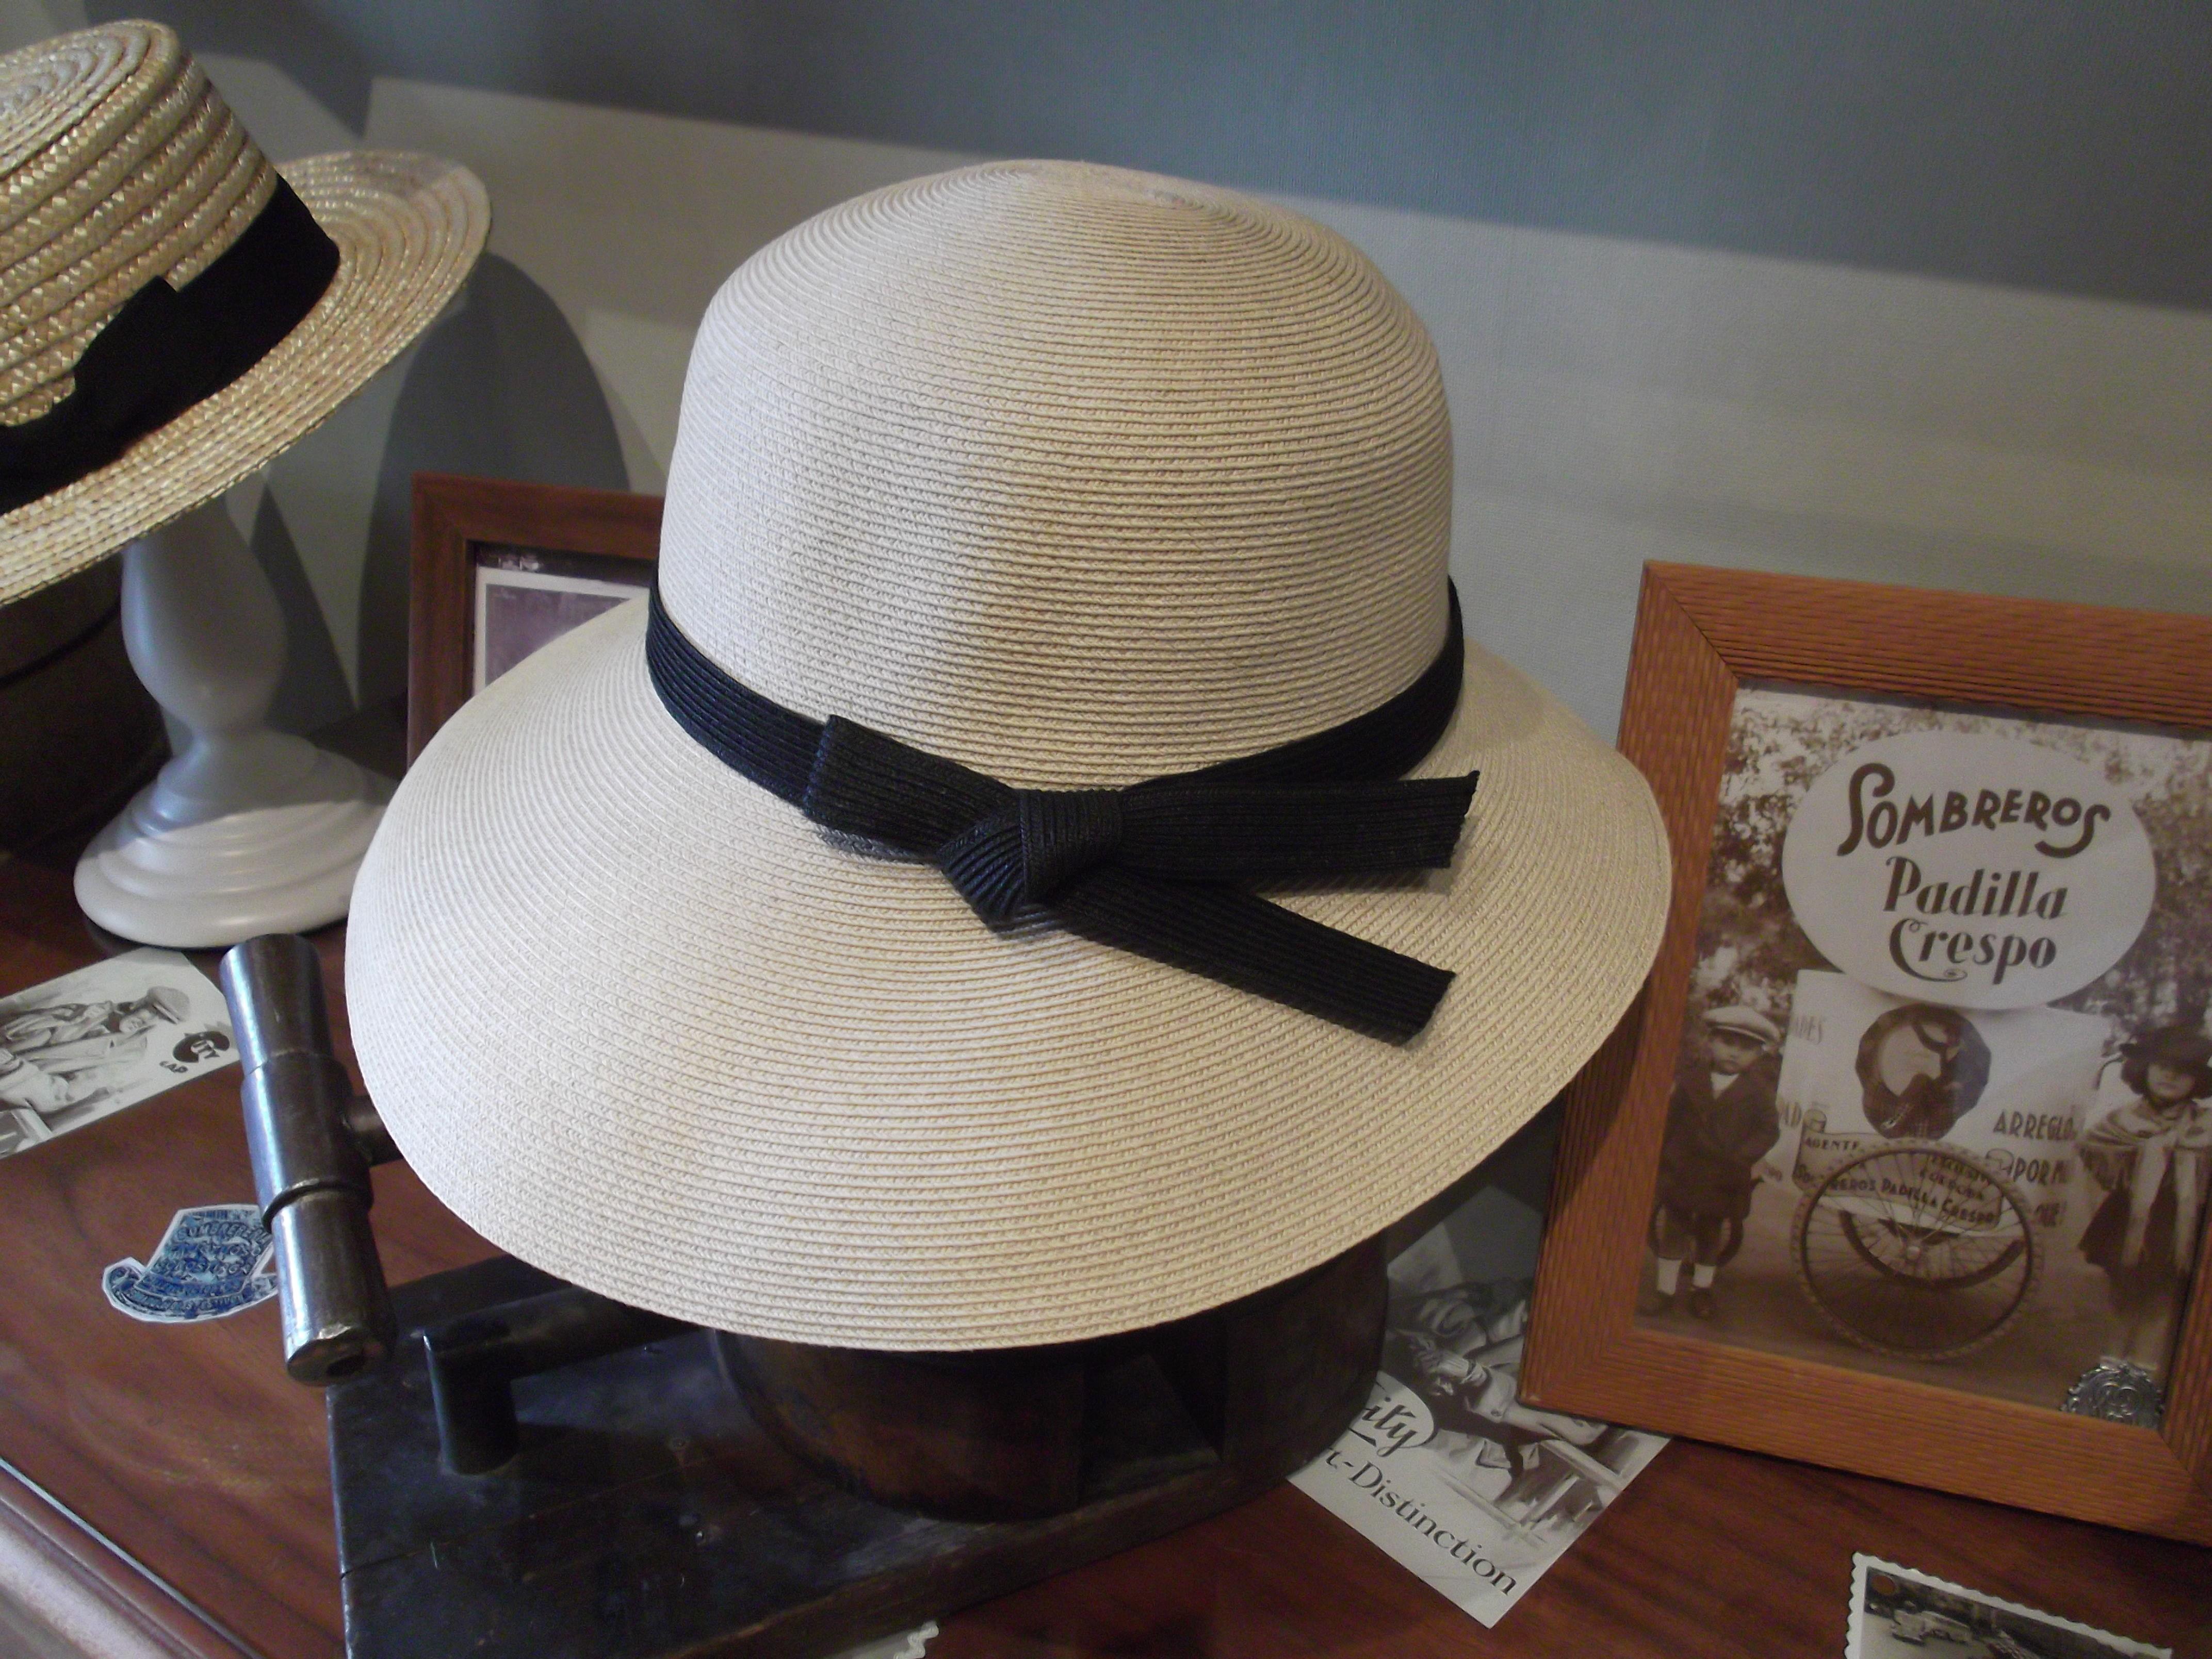 Pamela algodón: Catálogo de Sombrerería Citysport